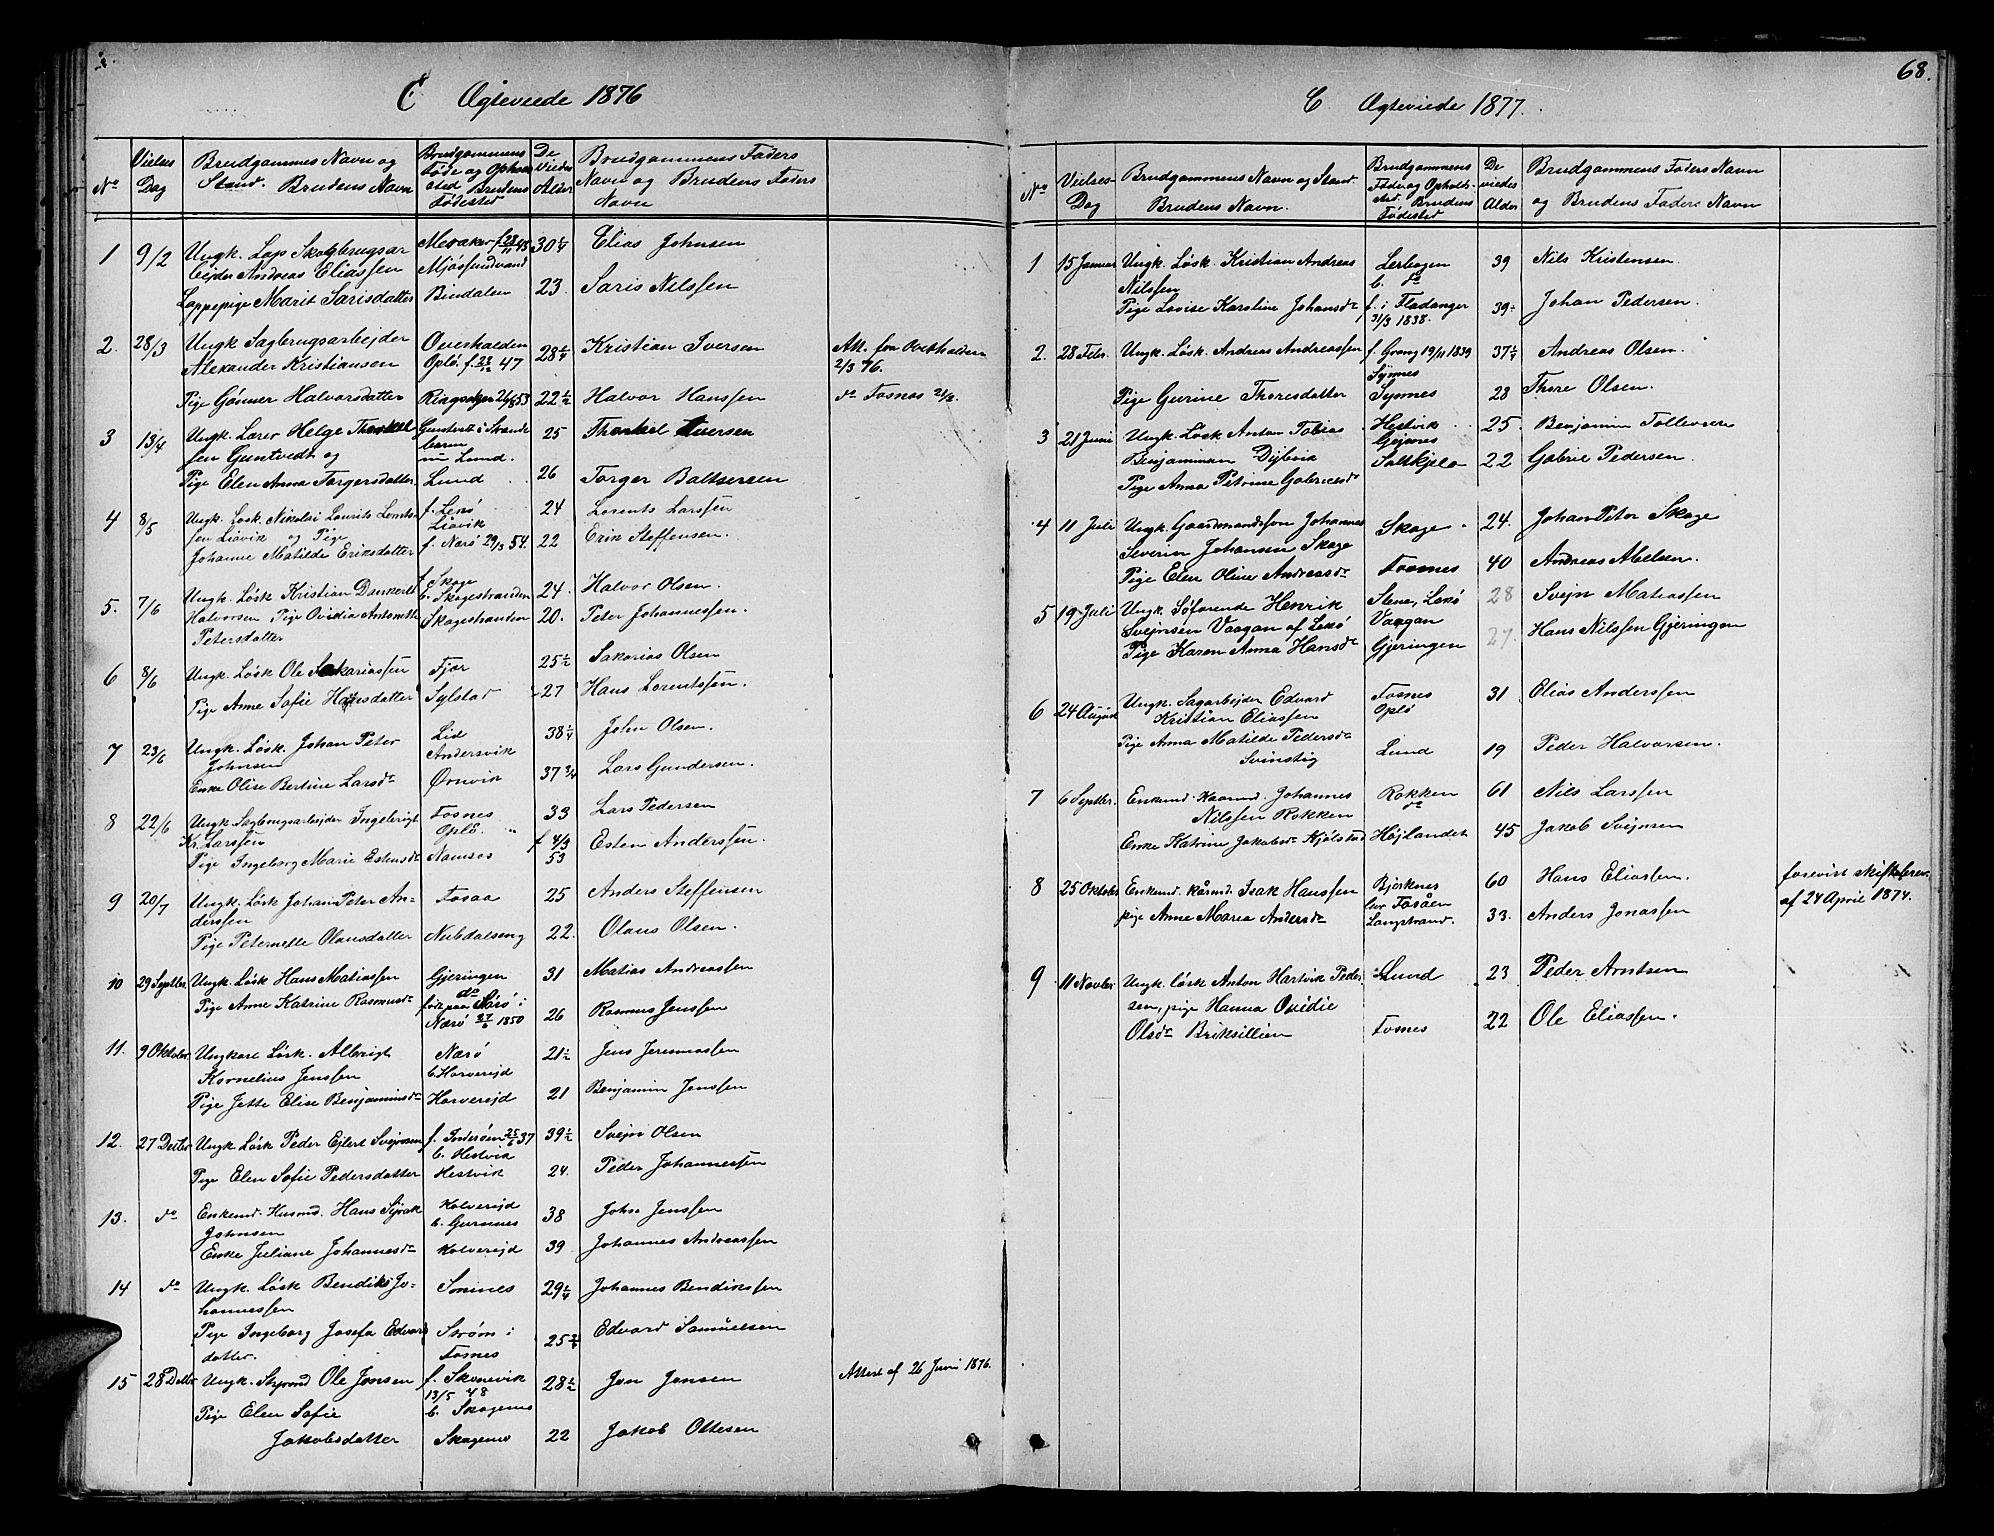 SAT, Ministerialprotokoller, klokkerbøker og fødselsregistre - Nord-Trøndelag, 780/L0650: Klokkerbok nr. 780C02, 1866-1884, s. 68